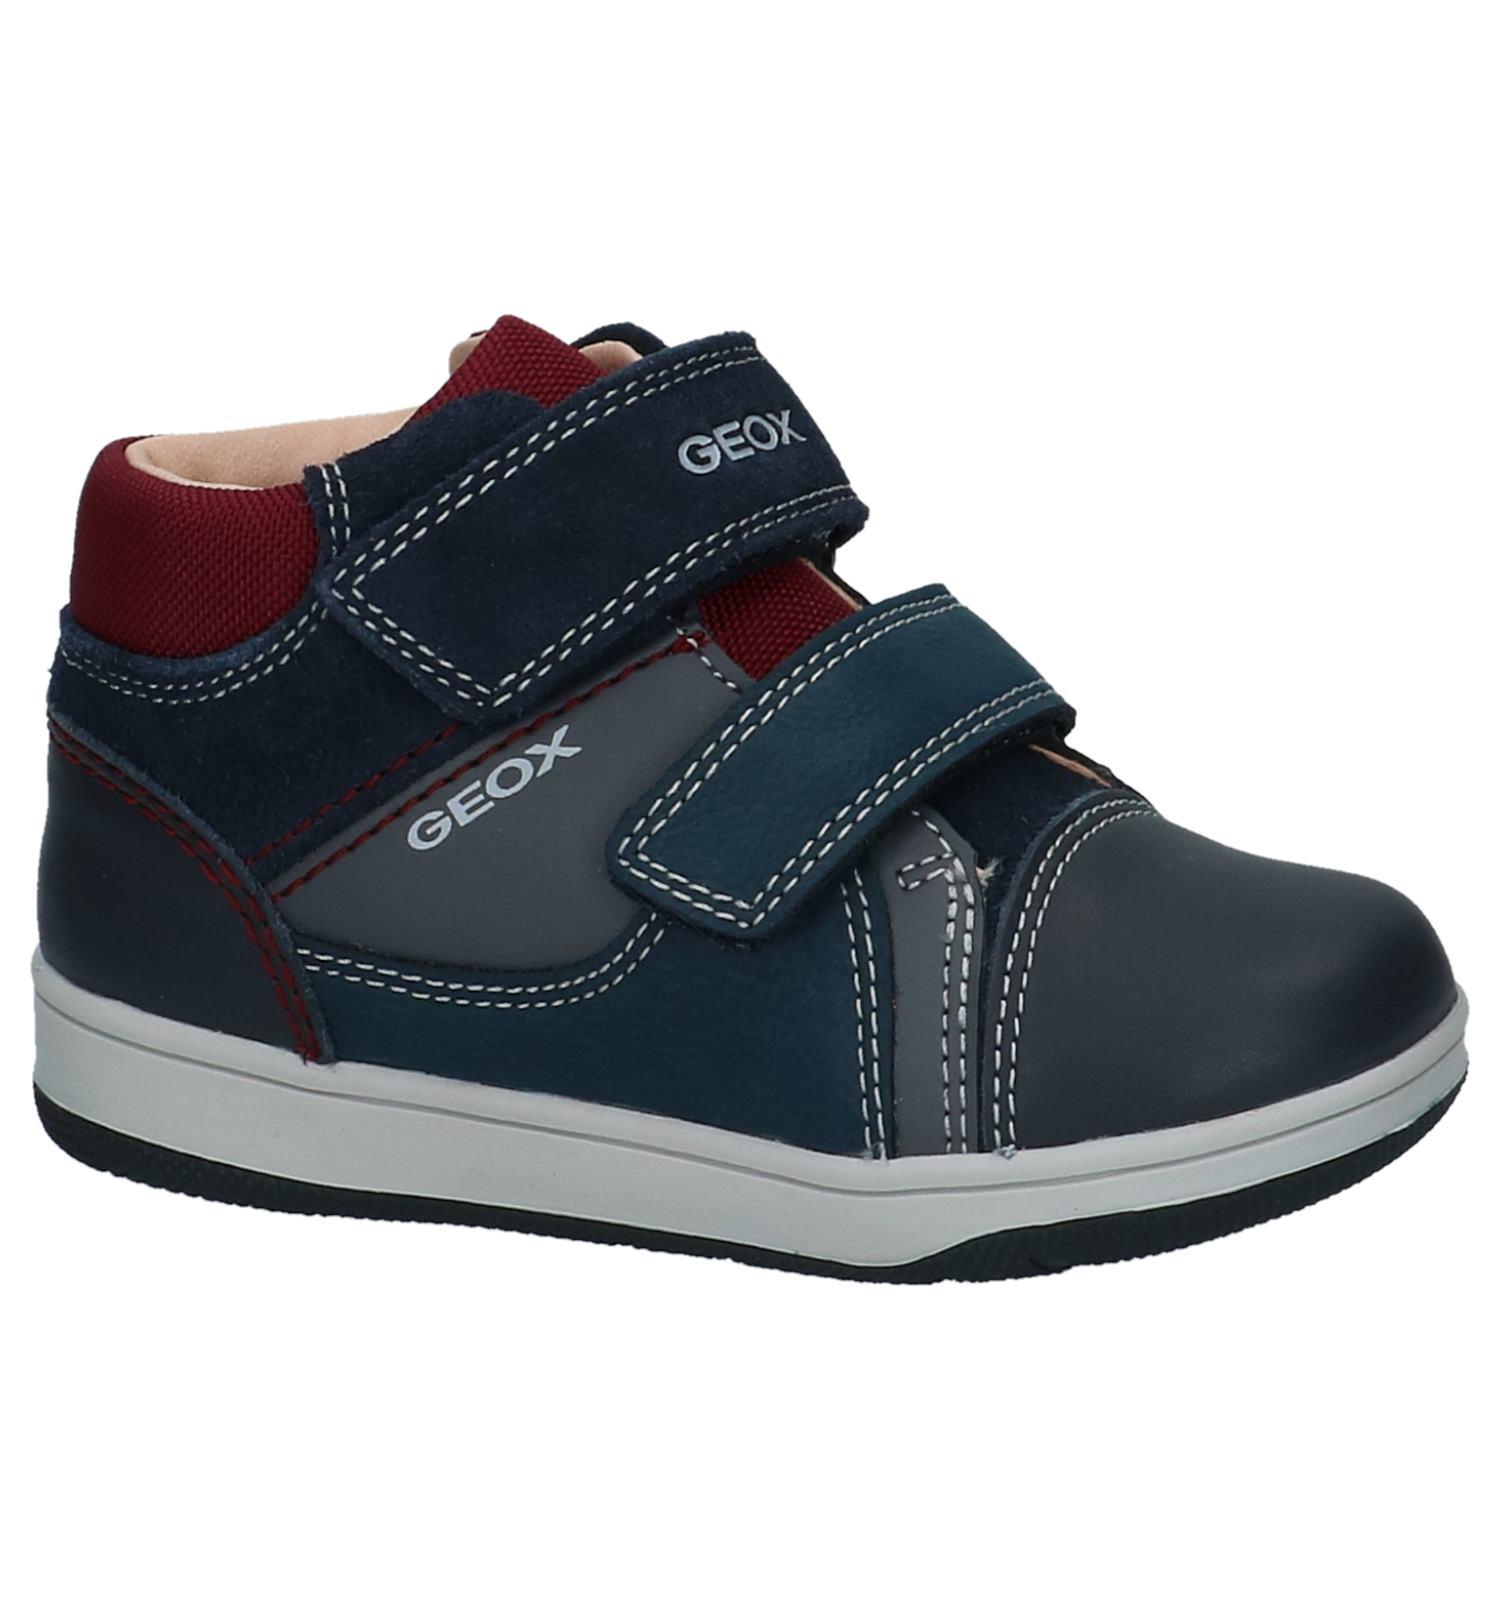 Geox Chaussures hautes (Bleu foncé)  d85675f2991